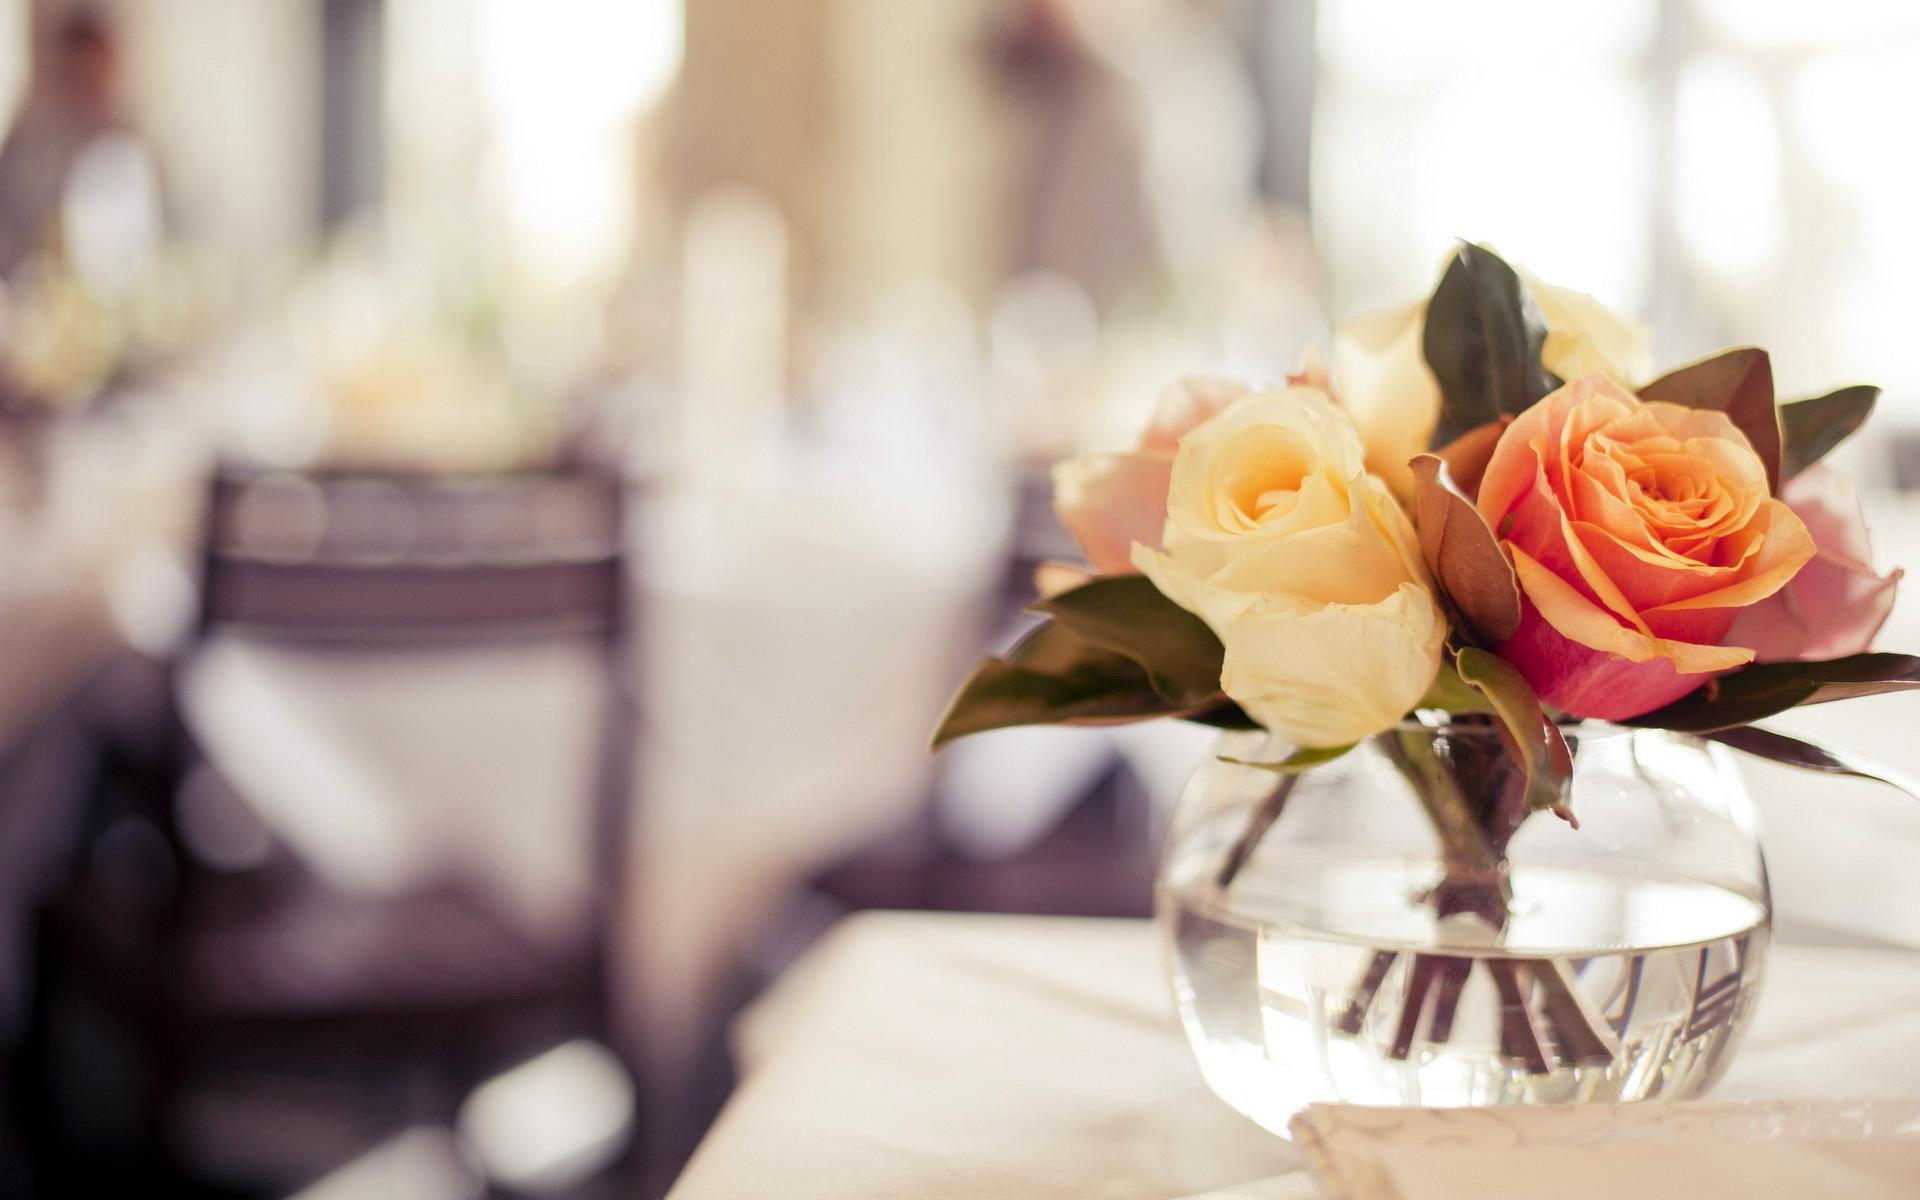 розы цветы ваза  № 1332576 загрузить